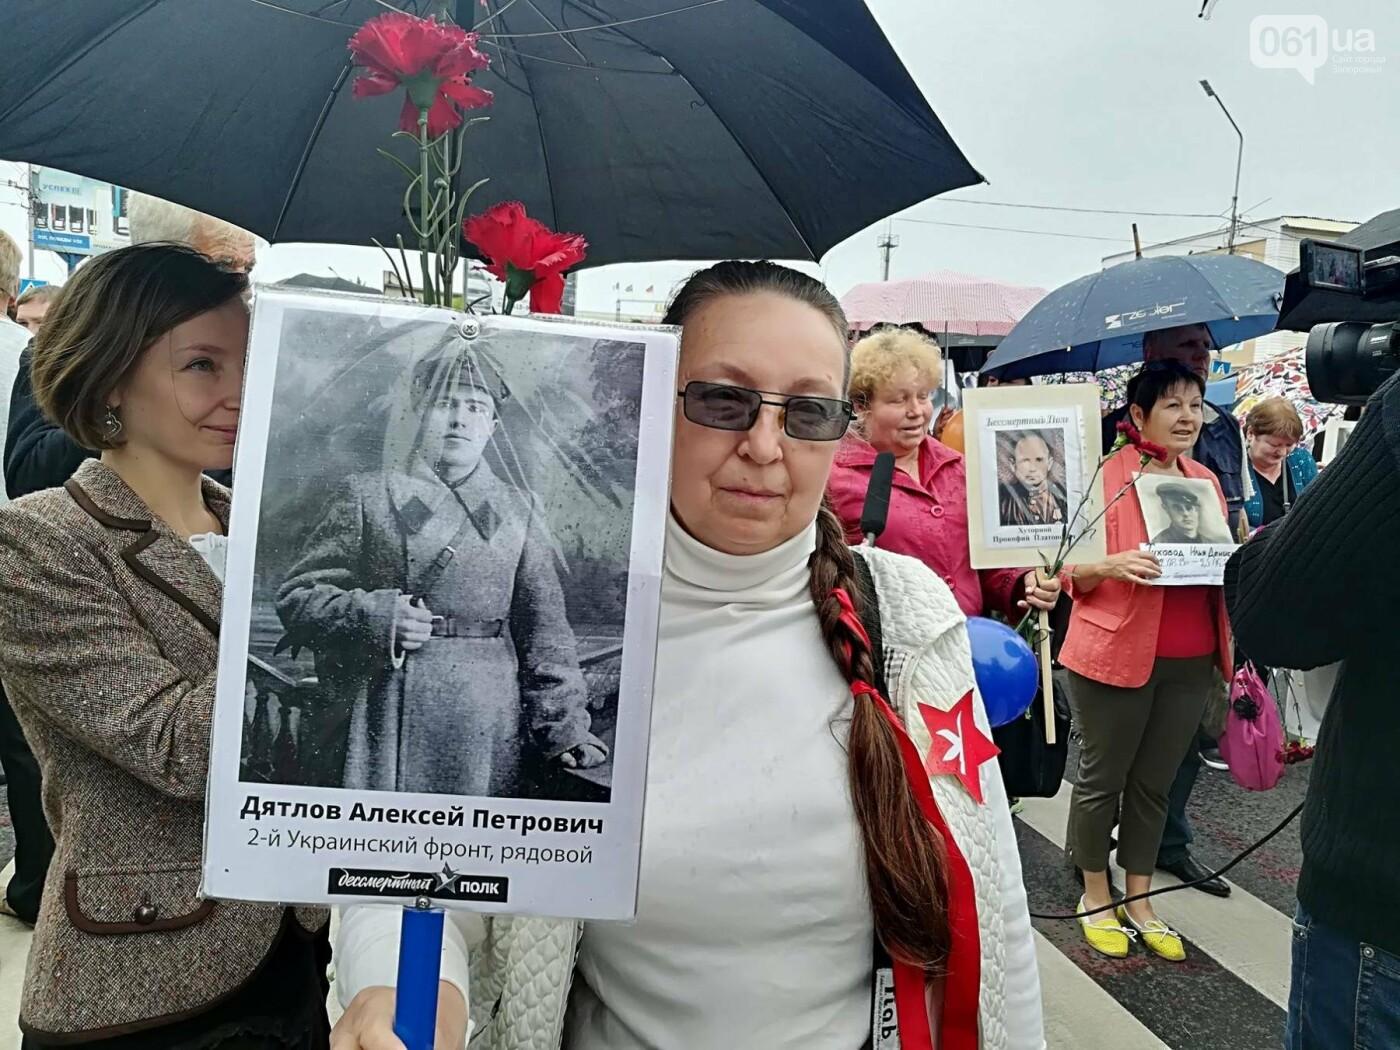 В Мелитополе митинг Балицкого закончился дракой - полиция просила снять георгиевские ленты, - ФОТО, ВИДЕО, фото-4